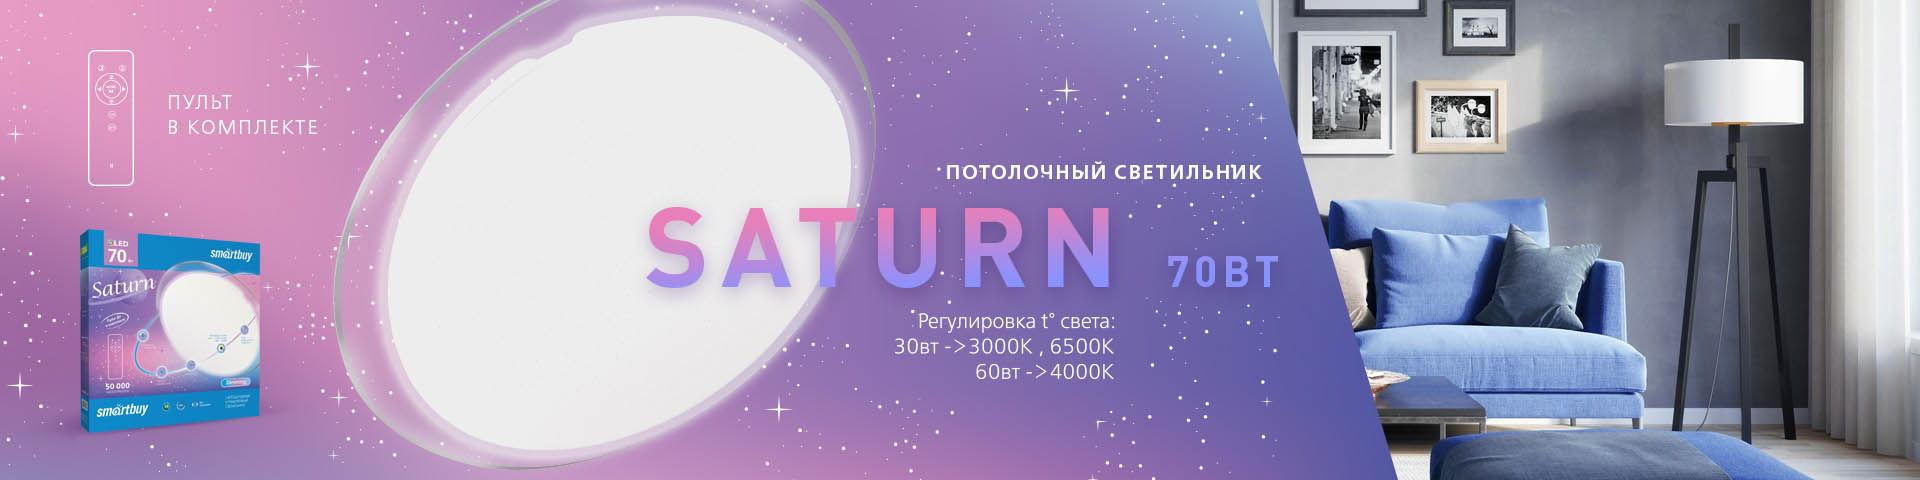 saturn 70w